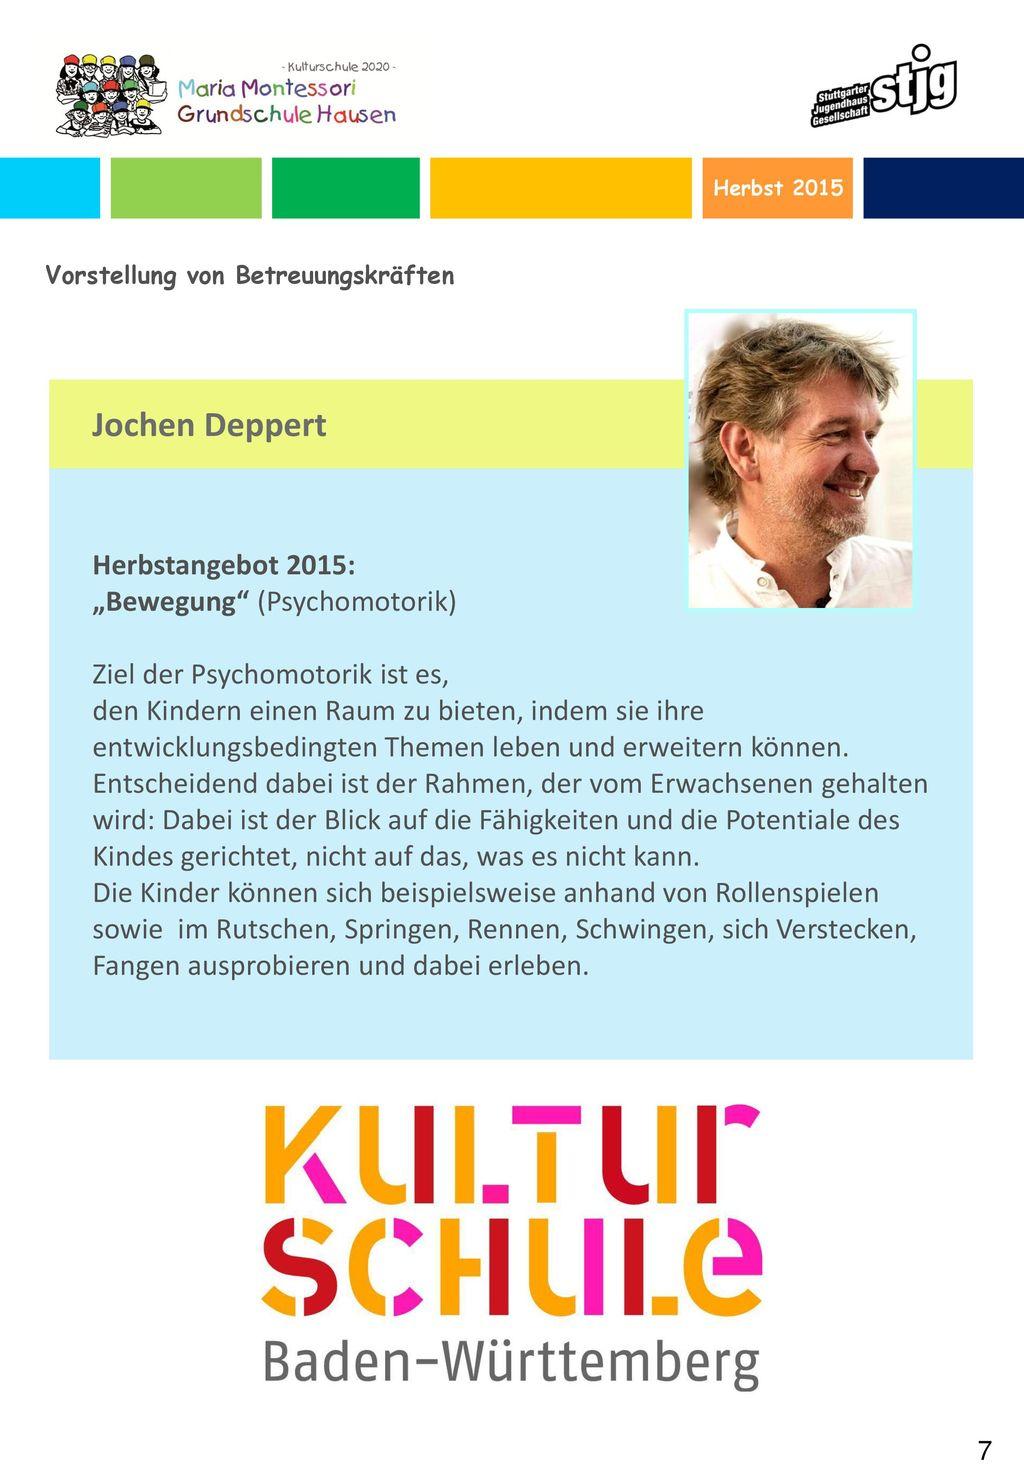 """Jochen Deppert Herbstangebot 2015: """"Bewegung (Psychomotorik)"""